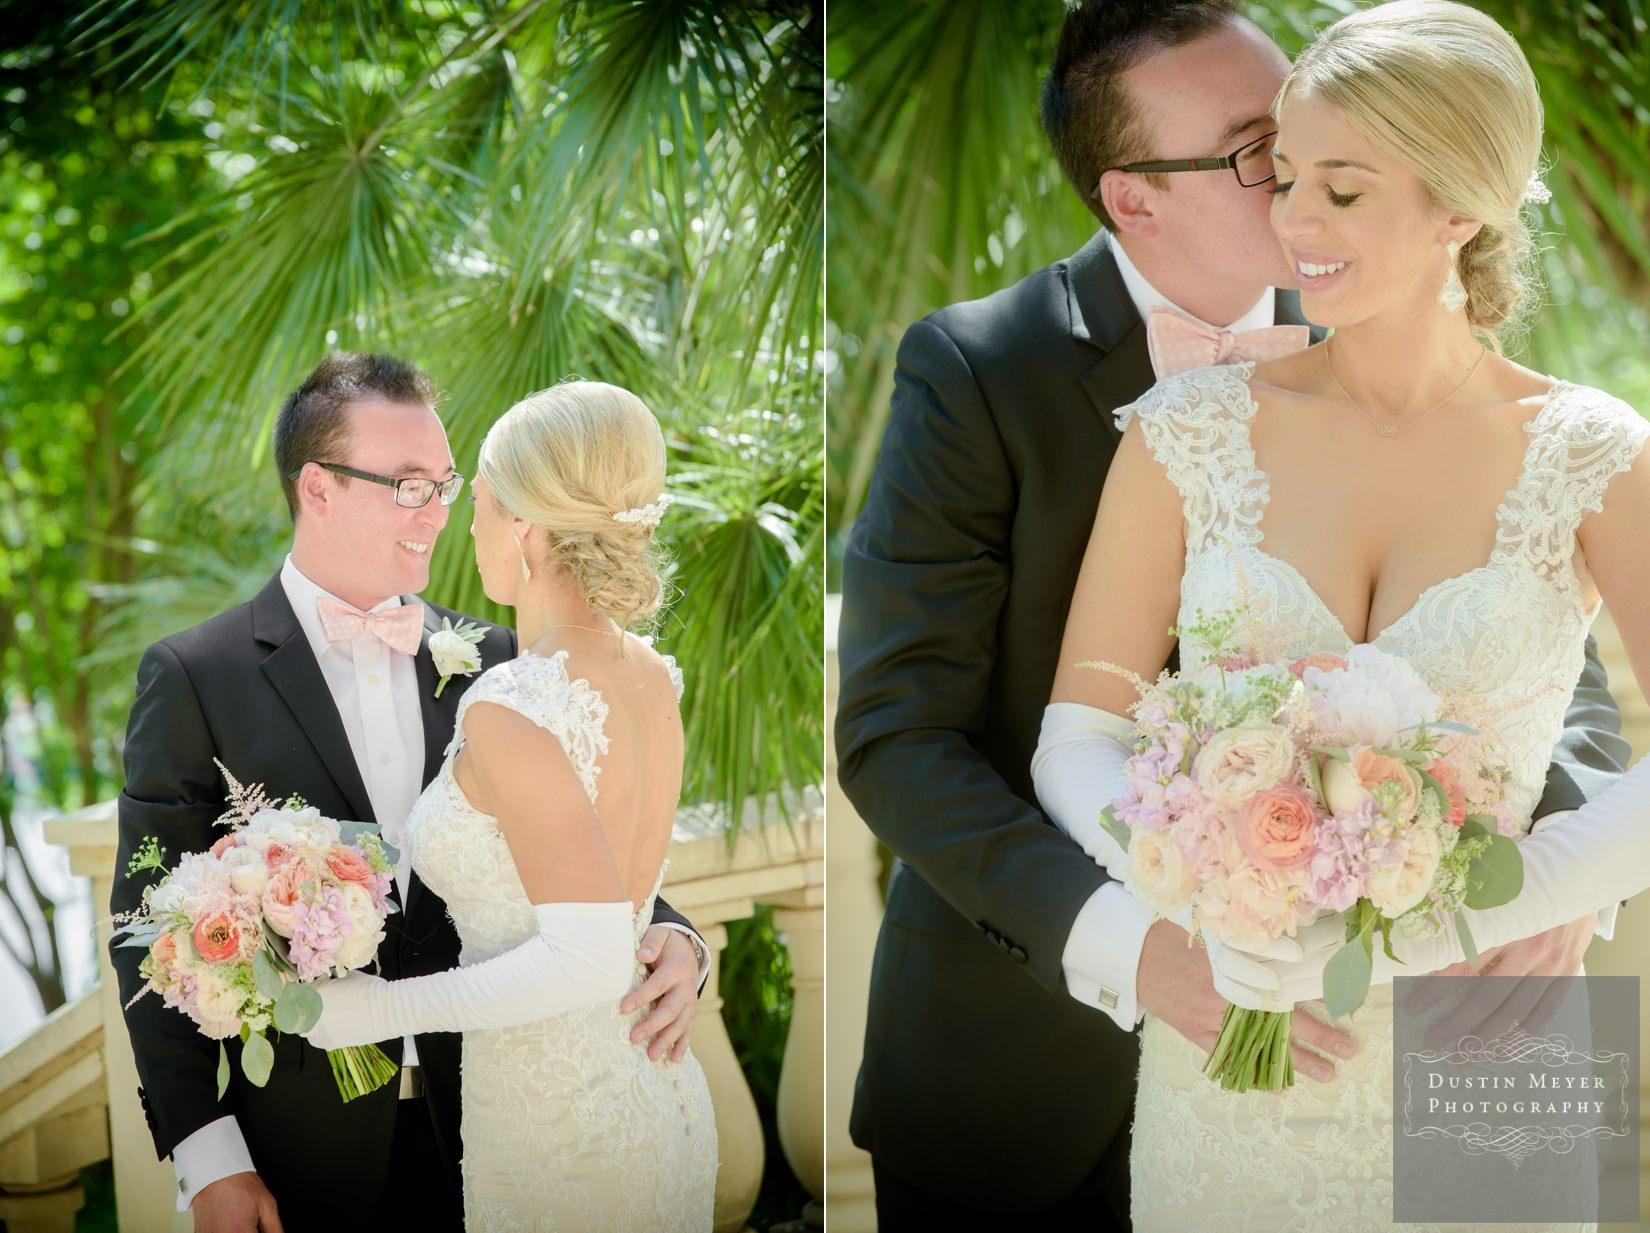 four seasons wedding, first glance bride and groom, wedding bridal gown ideas